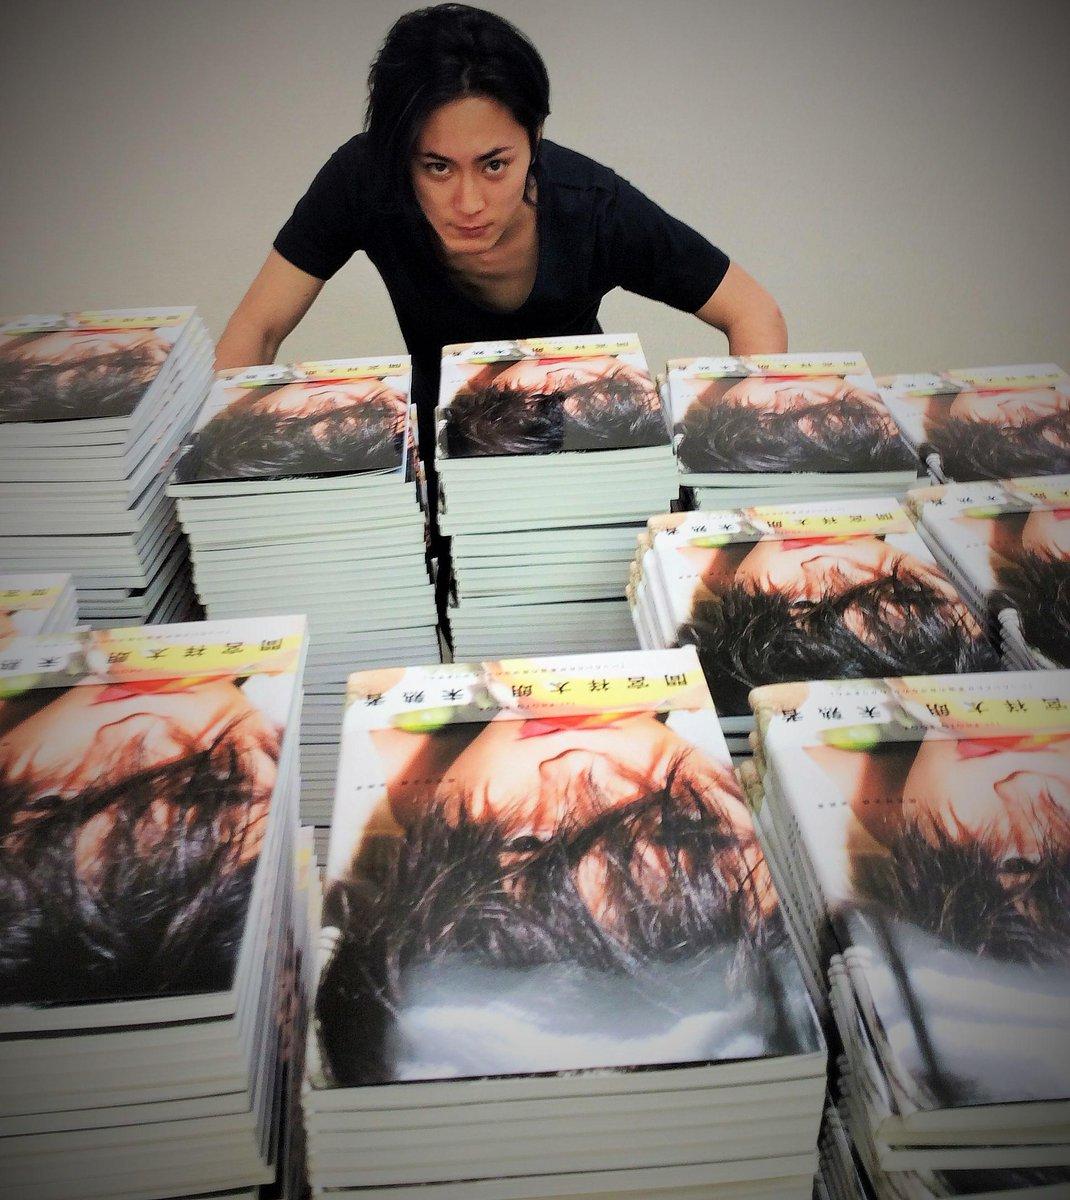 夜も更けましたが速報を。本日は間宮祥太朗さんがたっっっくさんの出来たてホヤホヤ写真集『未熟者』にサインを書いて下さいました。どれ程の量だったかは間宮さんがツイートしてくれる(と思う)のでコチラでは間宮さんの様子をお届けします(続く…) http://t.co/DkkPjqiLUT